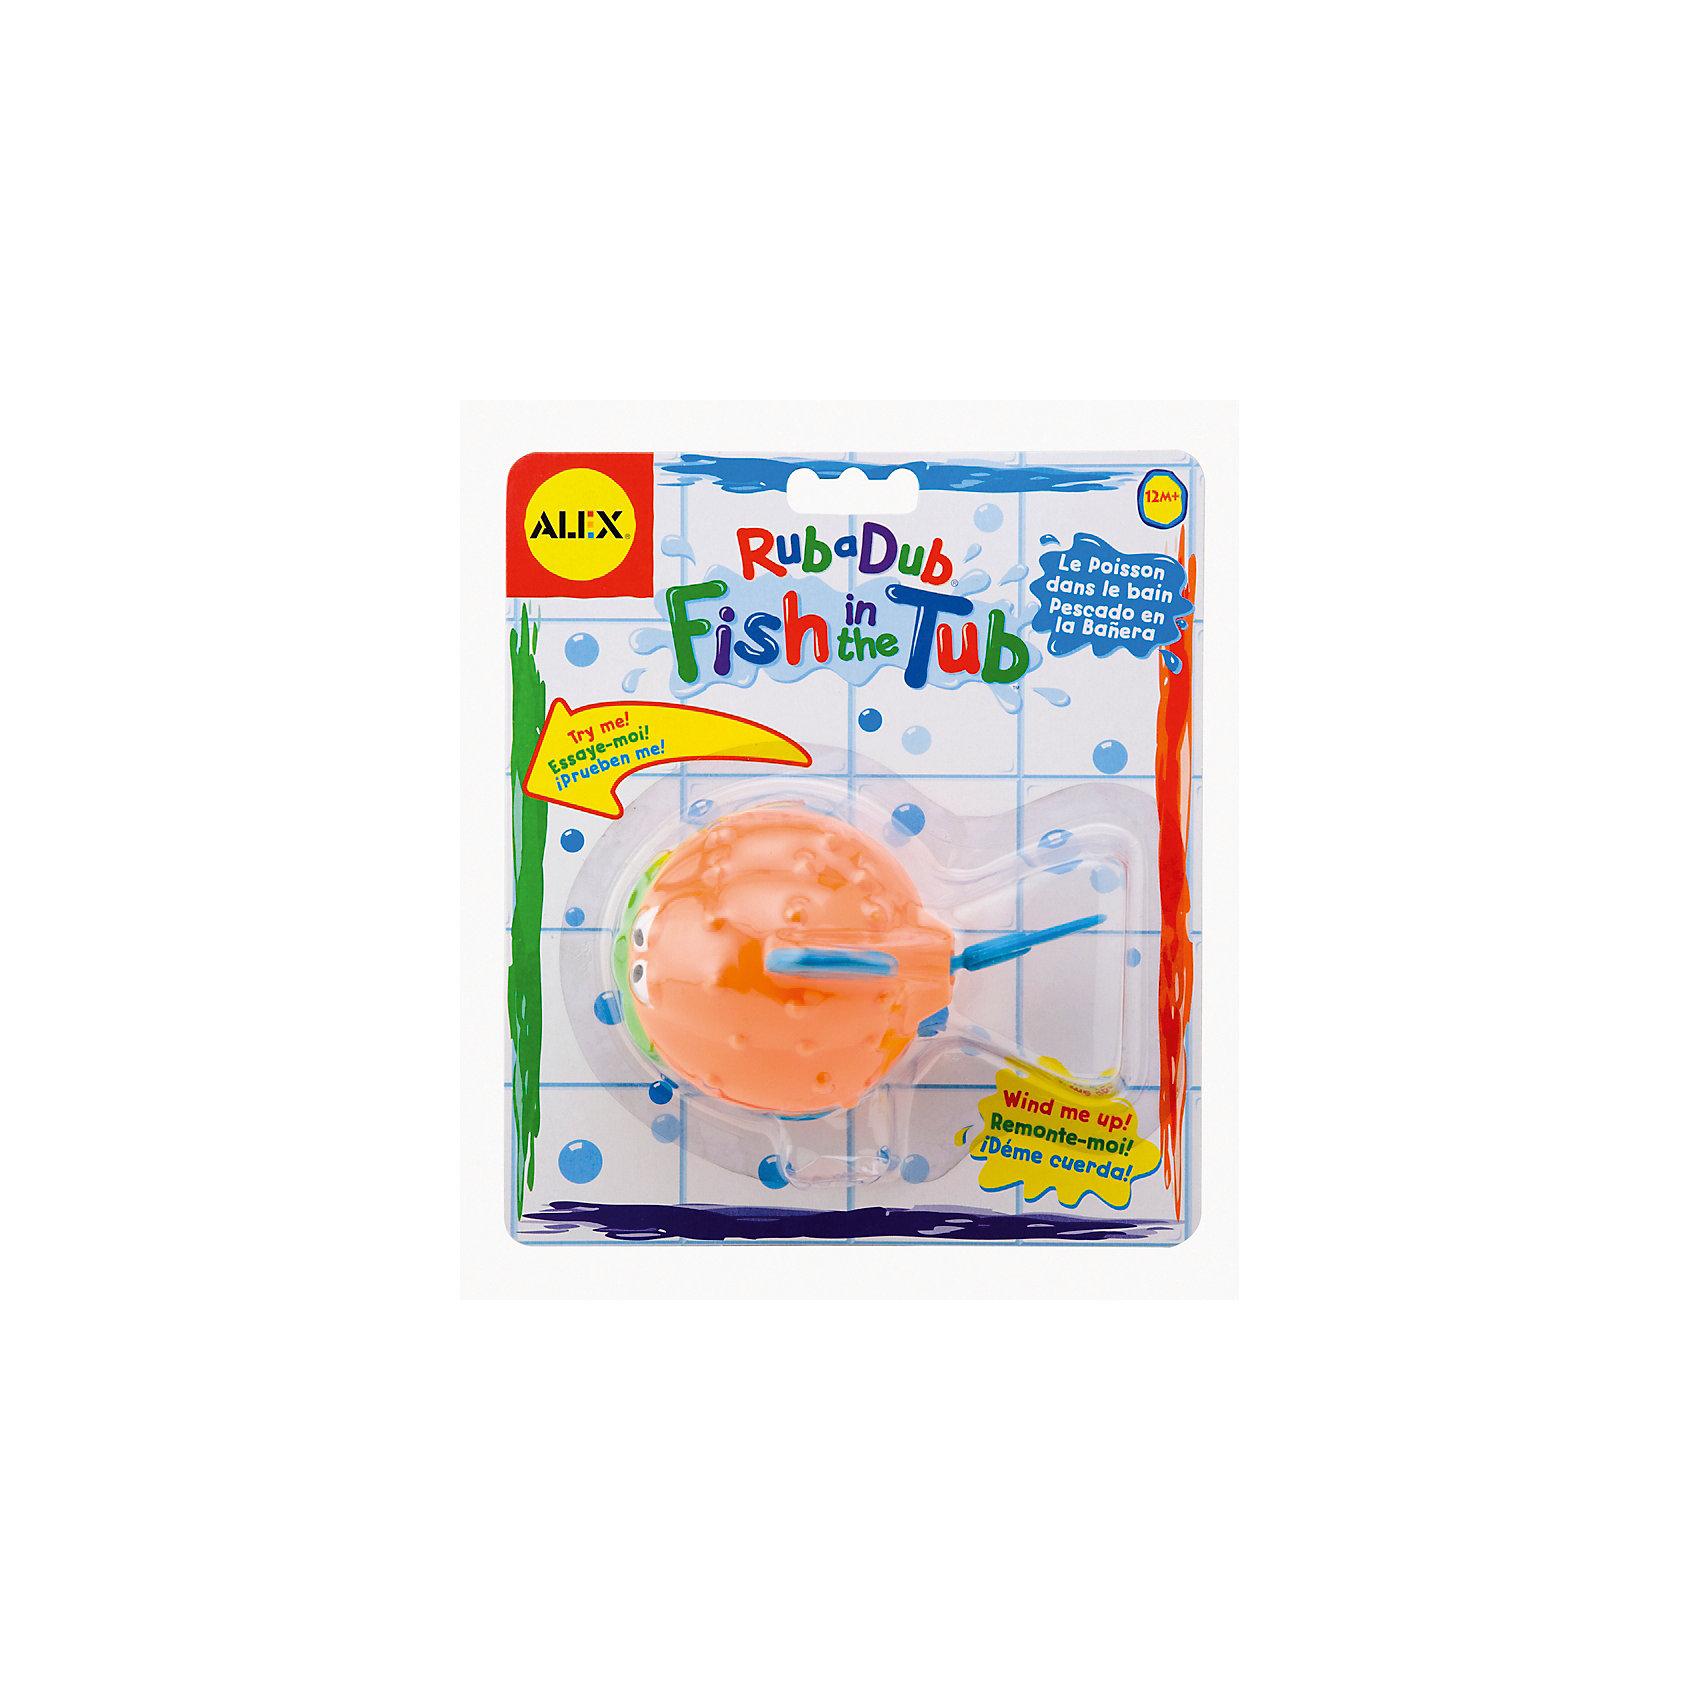 Игрушка для ванны Рыба-ёж, ALEXИгровые наборы<br>Игрушка для ванны Рыба-ёж, ALEX (Алекс)<br><br>Характеристики:<br><br>• двигается в воде<br>• заводной механизм<br>• материал: пластик<br>• длина игрушки - 12,5 см<br>• размер упаковки: 20х17,5х5 см<br>• вес: 105 грамм<br><br>Маленькая рыба-ёж ALEX подарит ребенку незабываемые впечатления во время купания! При повороте рычага рыбка начинает забавно двигаться и плавать. С этой игрушкой кроха полюбит купаться, ведь маленькая рыба-ёж очень веселая и интересная!<br><br>Игрушку для ванны Рыба-ёж, ALEX (Алекс) можно купить в нашем интернет-магазине.<br><br>Ширина мм: 177<br>Глубина мм: 76<br>Высота мм: 203<br>Вес г: 270<br>Возраст от месяцев: 12<br>Возраст до месяцев: 2147483647<br>Пол: Унисекс<br>Возраст: Детский<br>SKU: 5503312